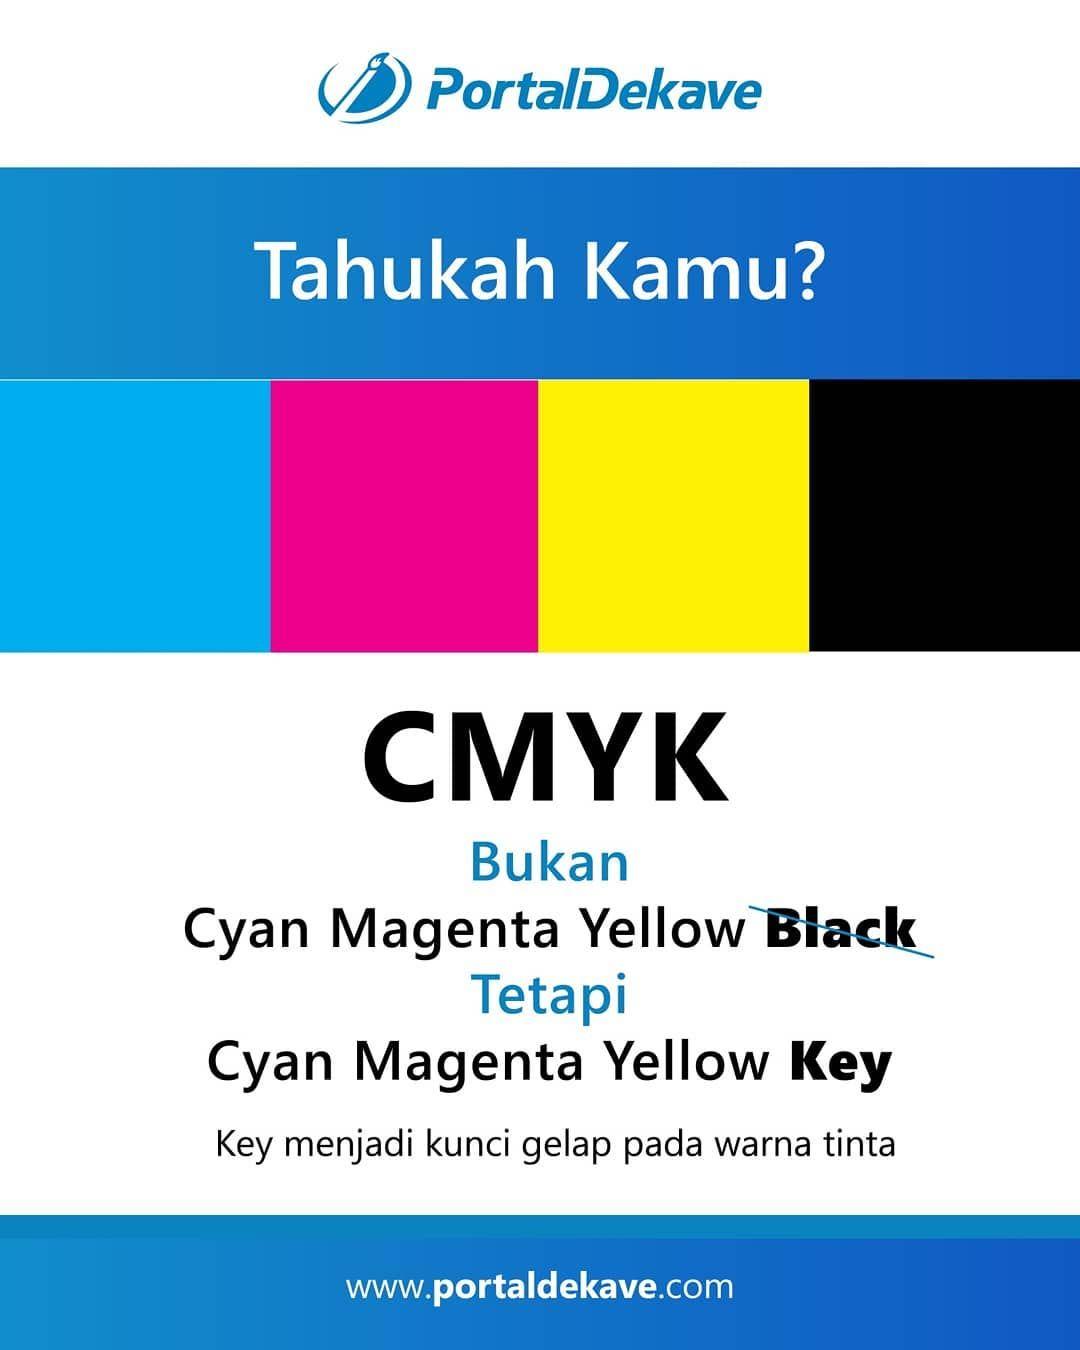 So Mulai Sekarang Jangan Bilang Cmyk Itu Cyan Magenta Yellow Black Yaa Karena Jelas Itu Salah K Itu Singkatan Komunikasi Visual Desain Grafis Desainer Grafis